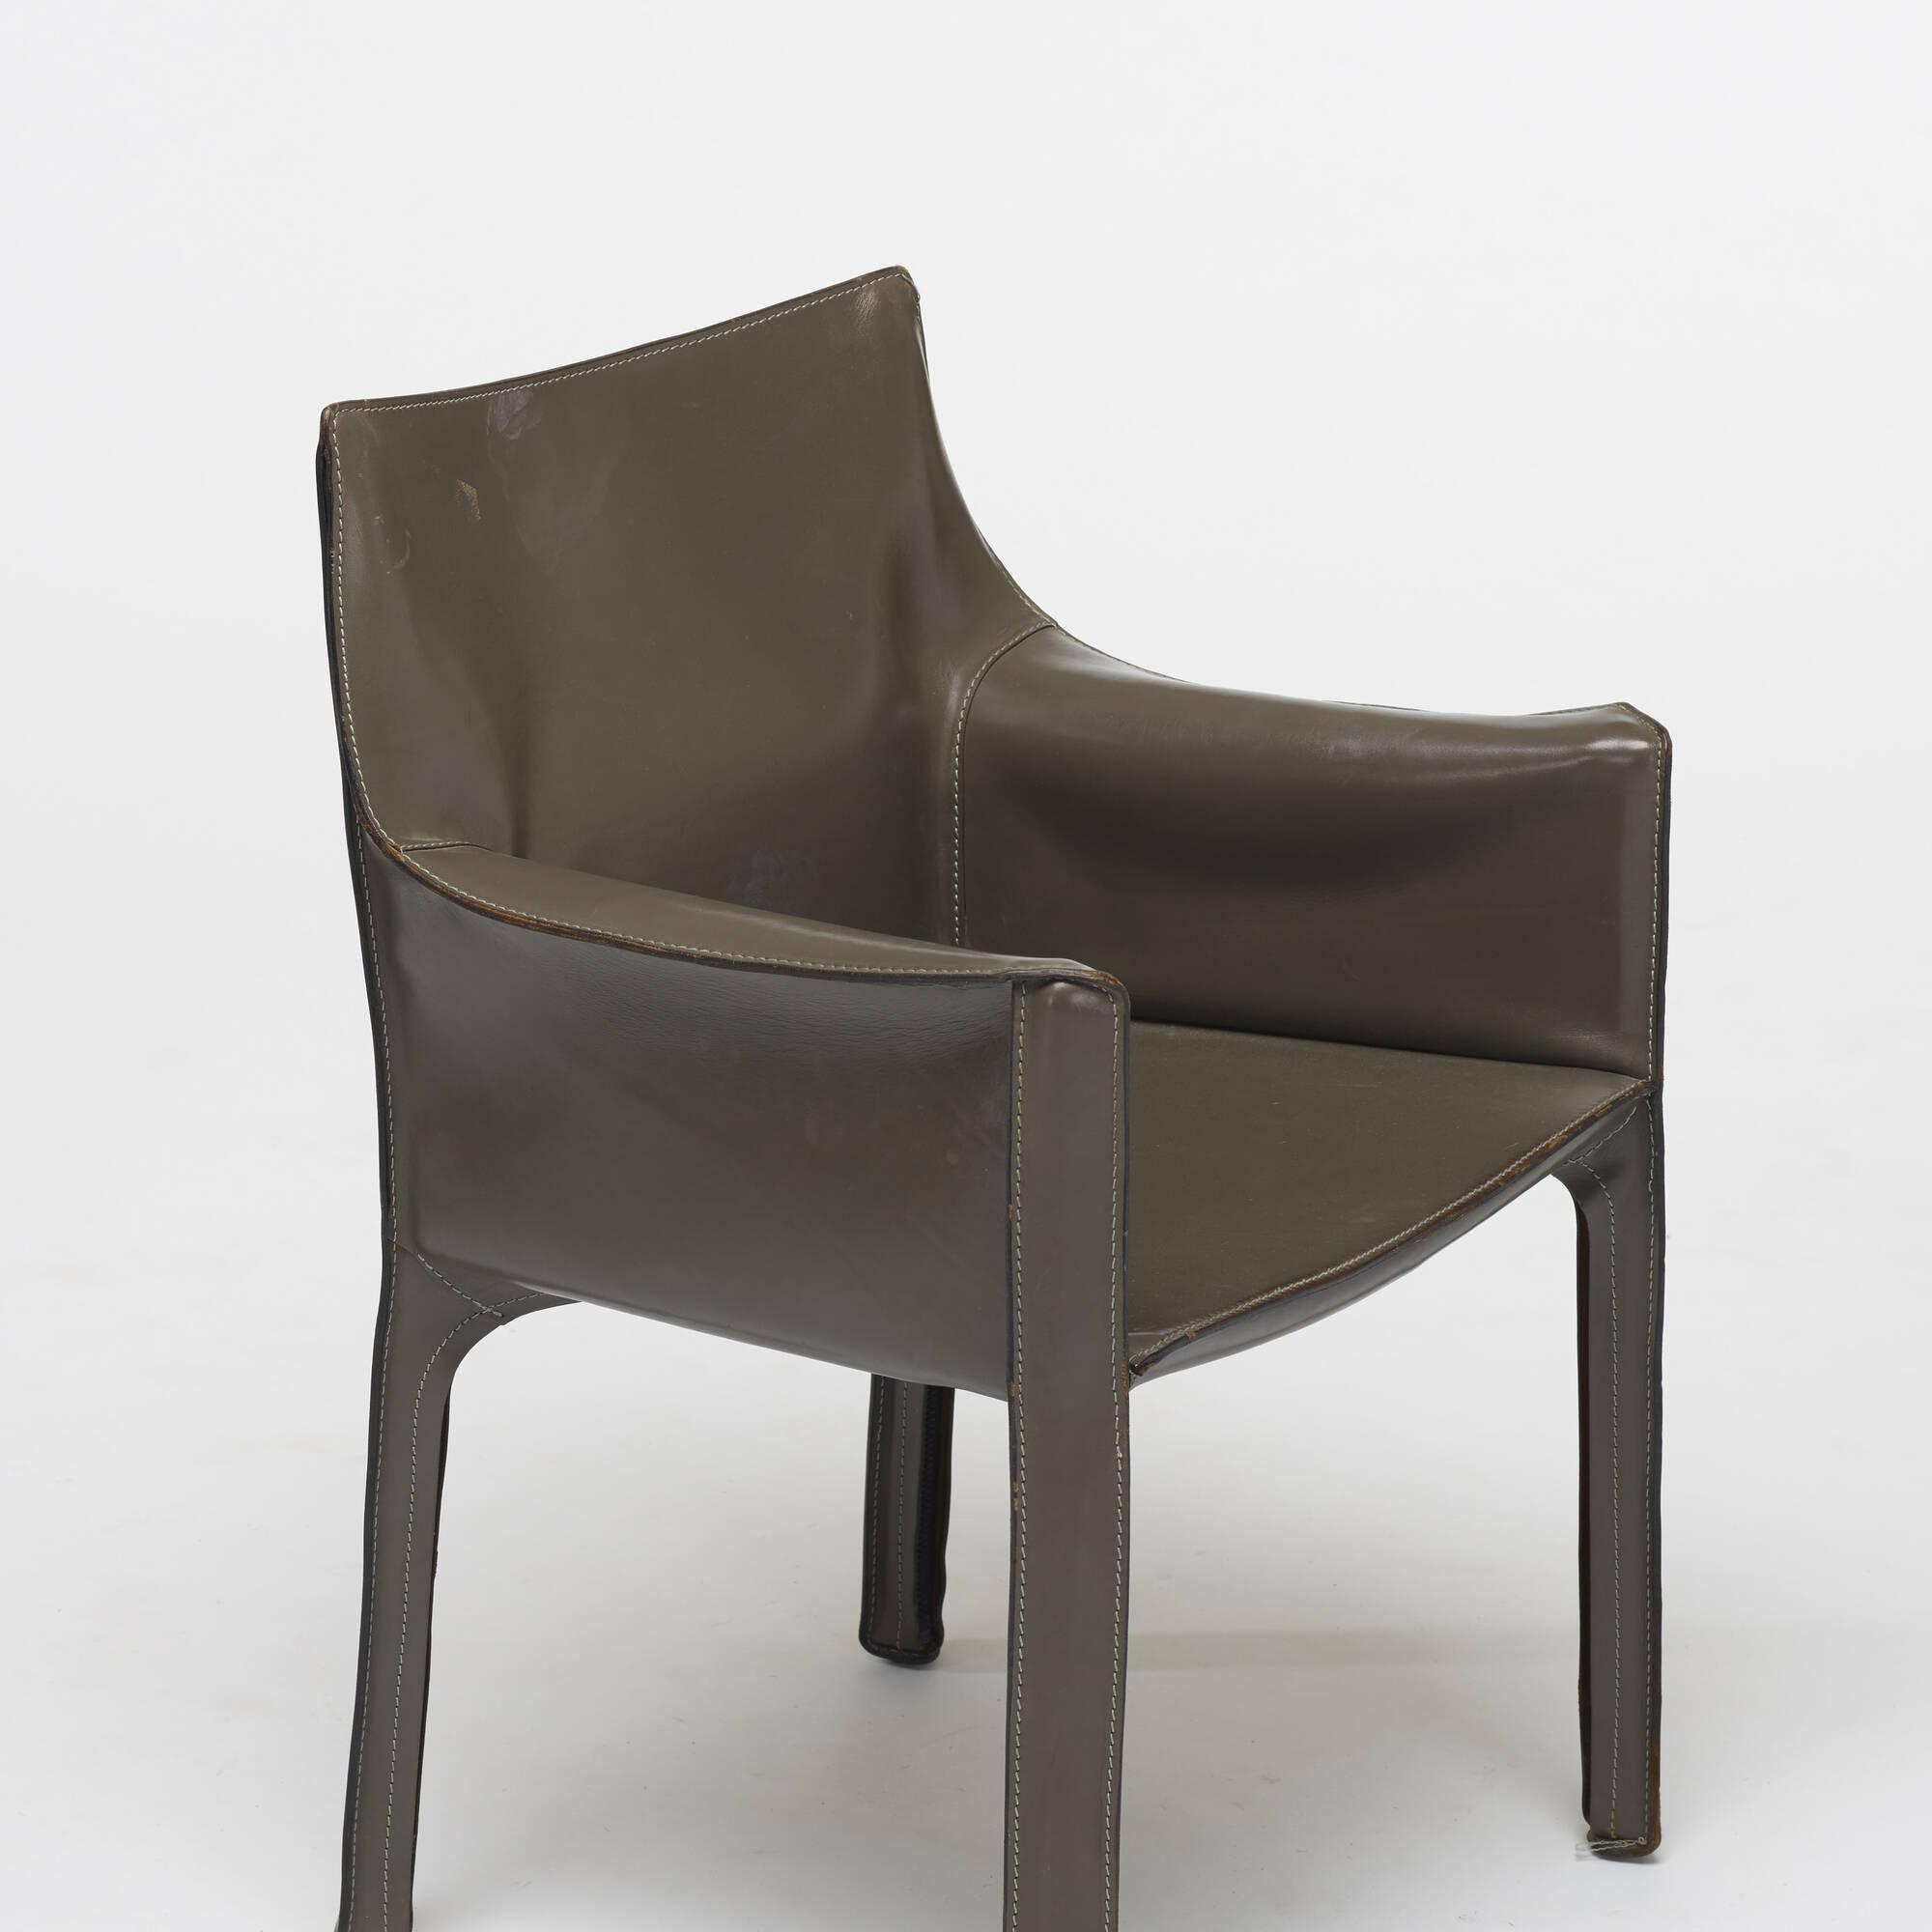 162: Mario Bellini / Cab armchair (3 of 4)